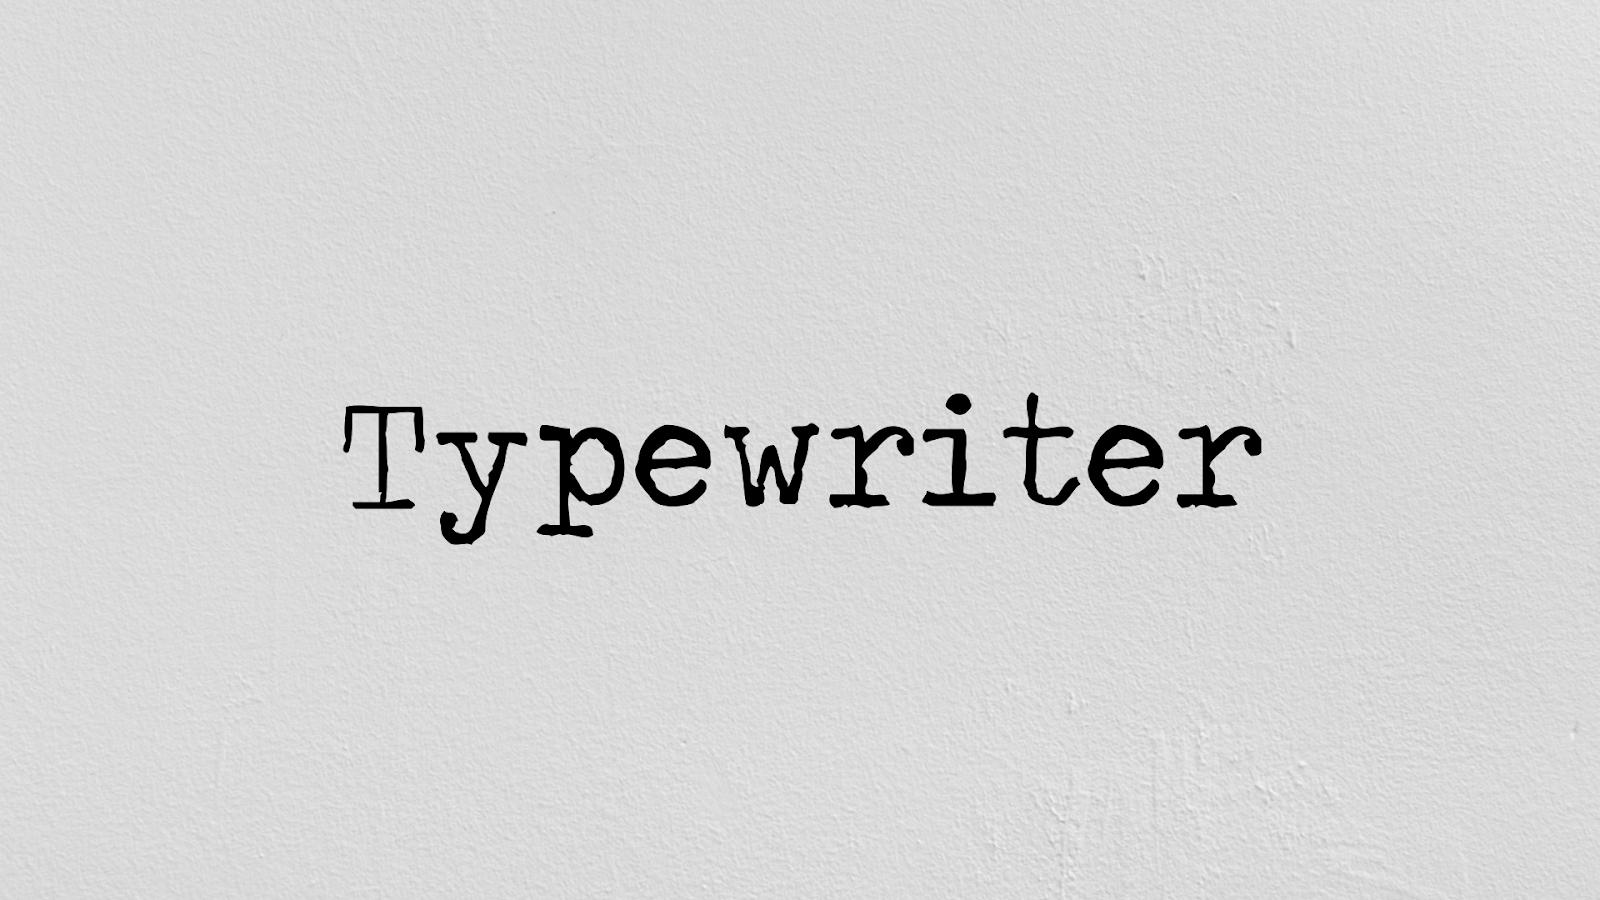 typewriting text tutorial